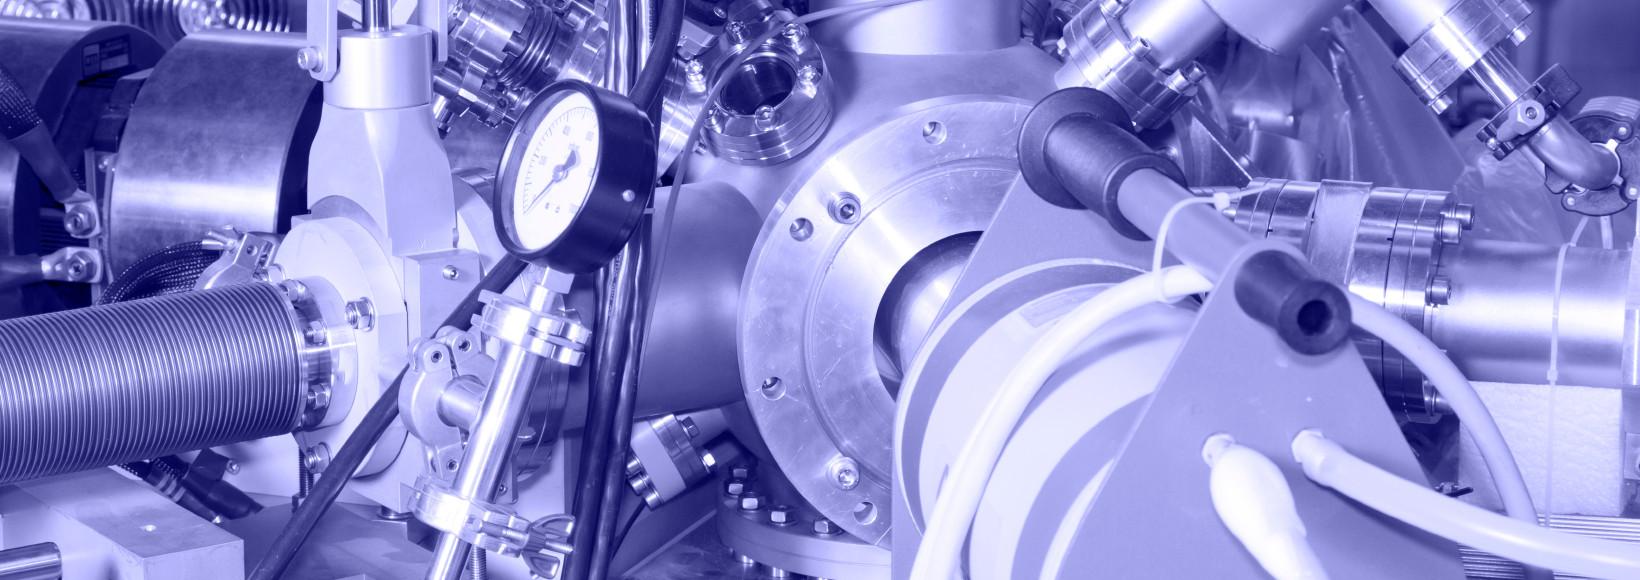 Ion Accelerator Equipment